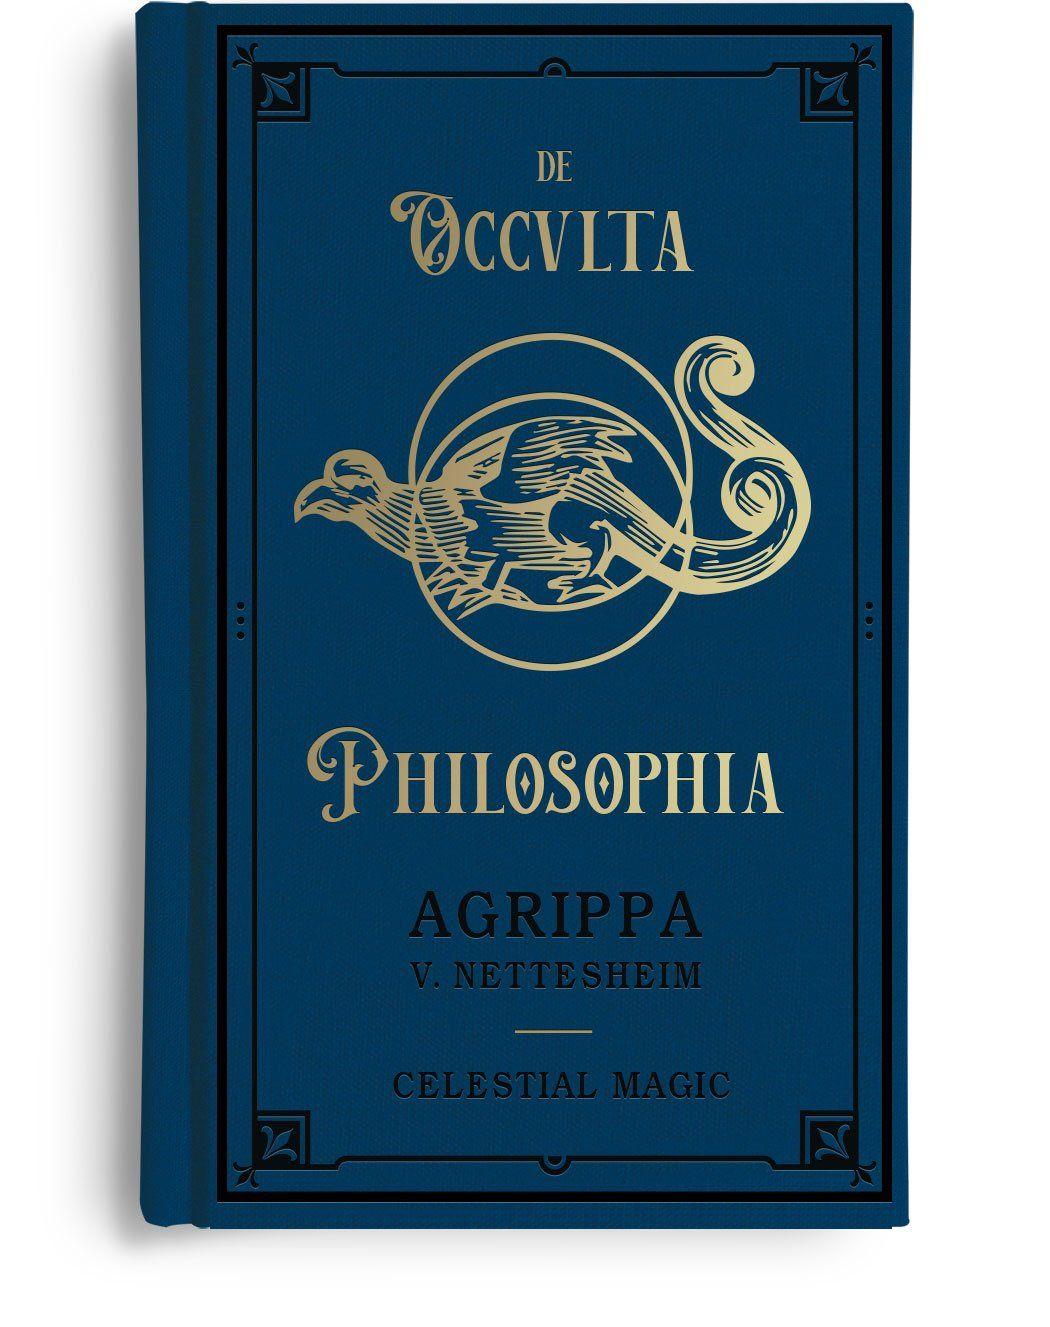 Agrippa De Occvlta Philosophia Vol Ii Celestial Magic Occult Celestial Letterpress